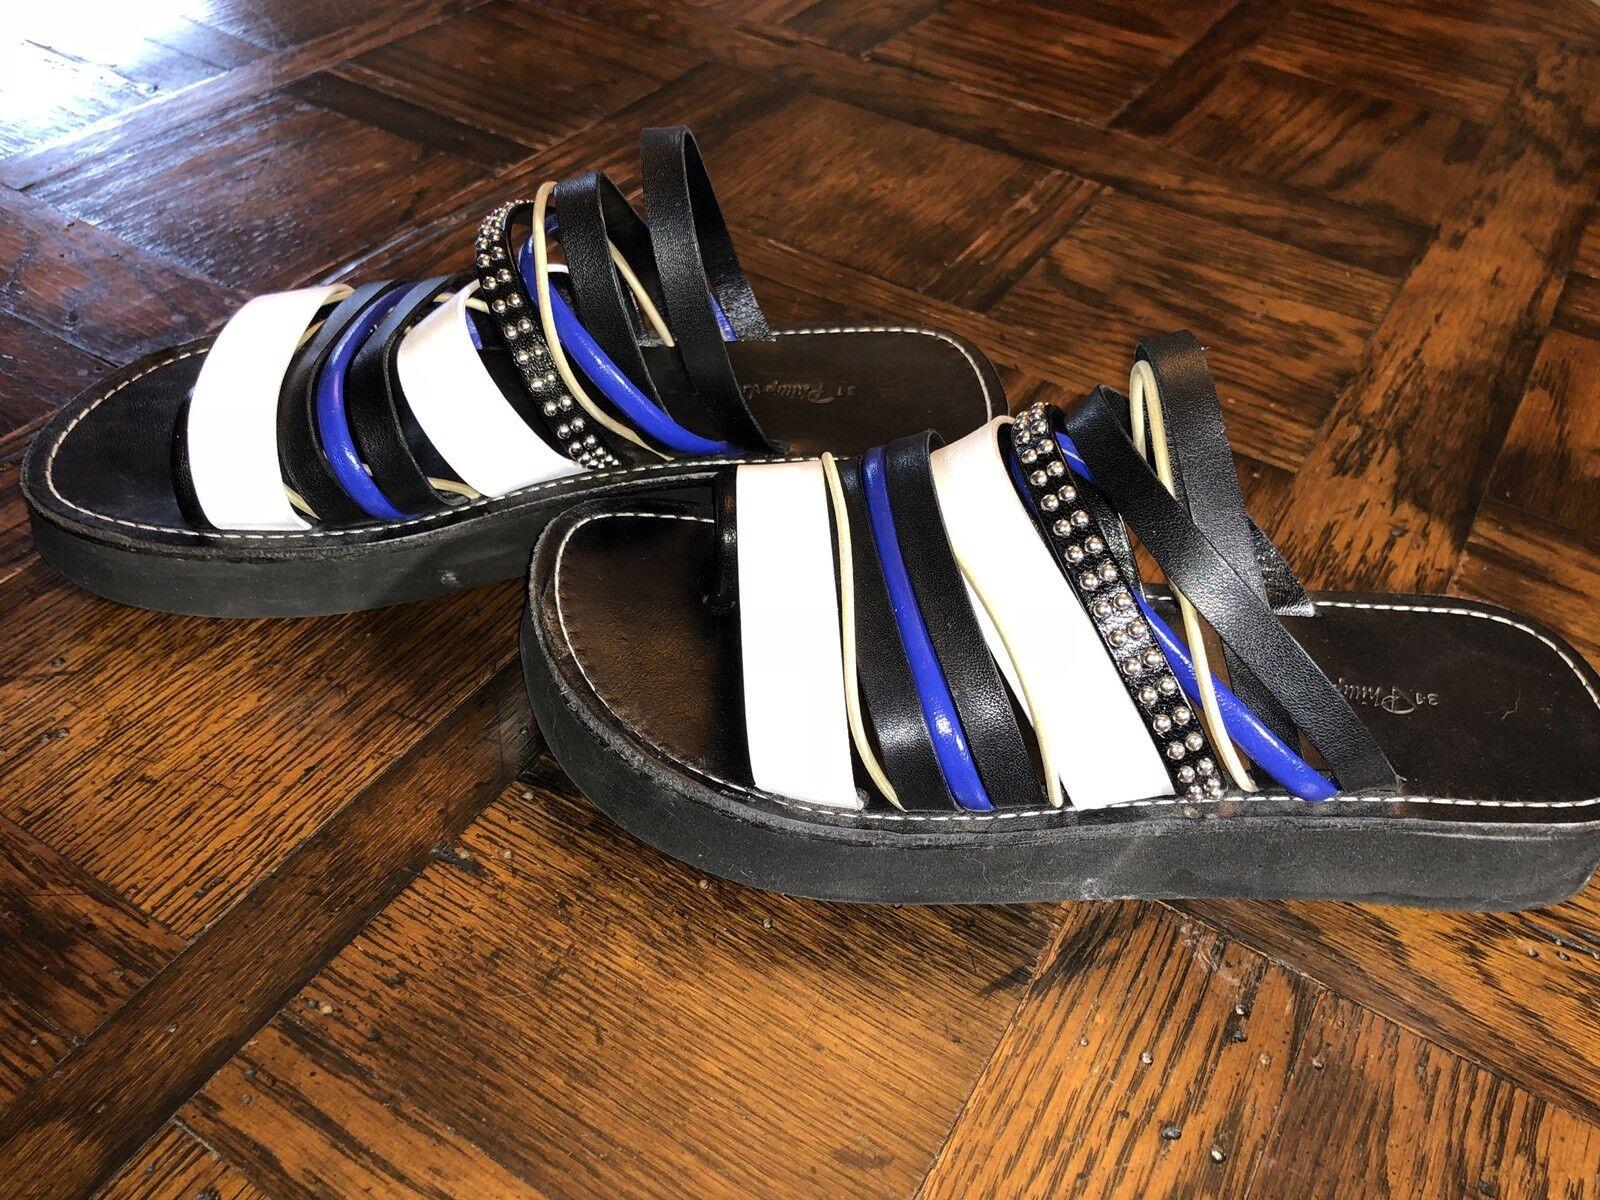 3.1 Toe Phillip Lim Eva Strappy Toe 3.1 Loop Sandale Größe 38 at Nordstrom for 295.00 071361